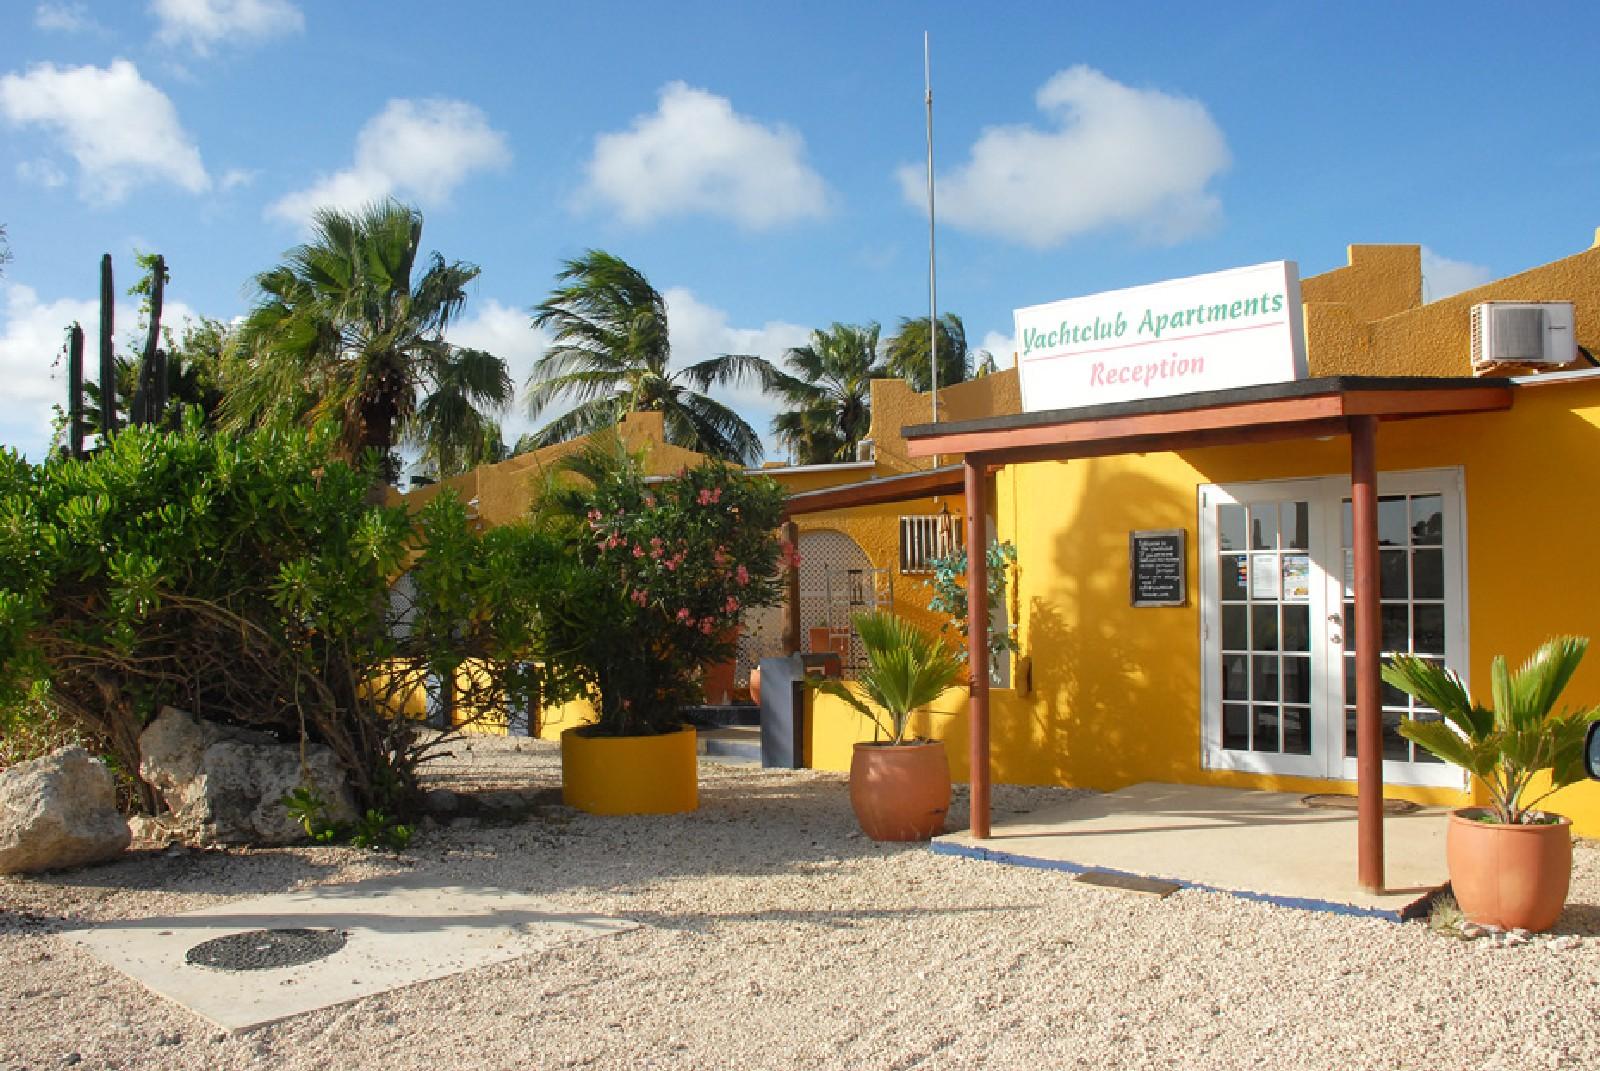 Yachtclub appartementen bonaire   yachtclub is een kleinschalig ...